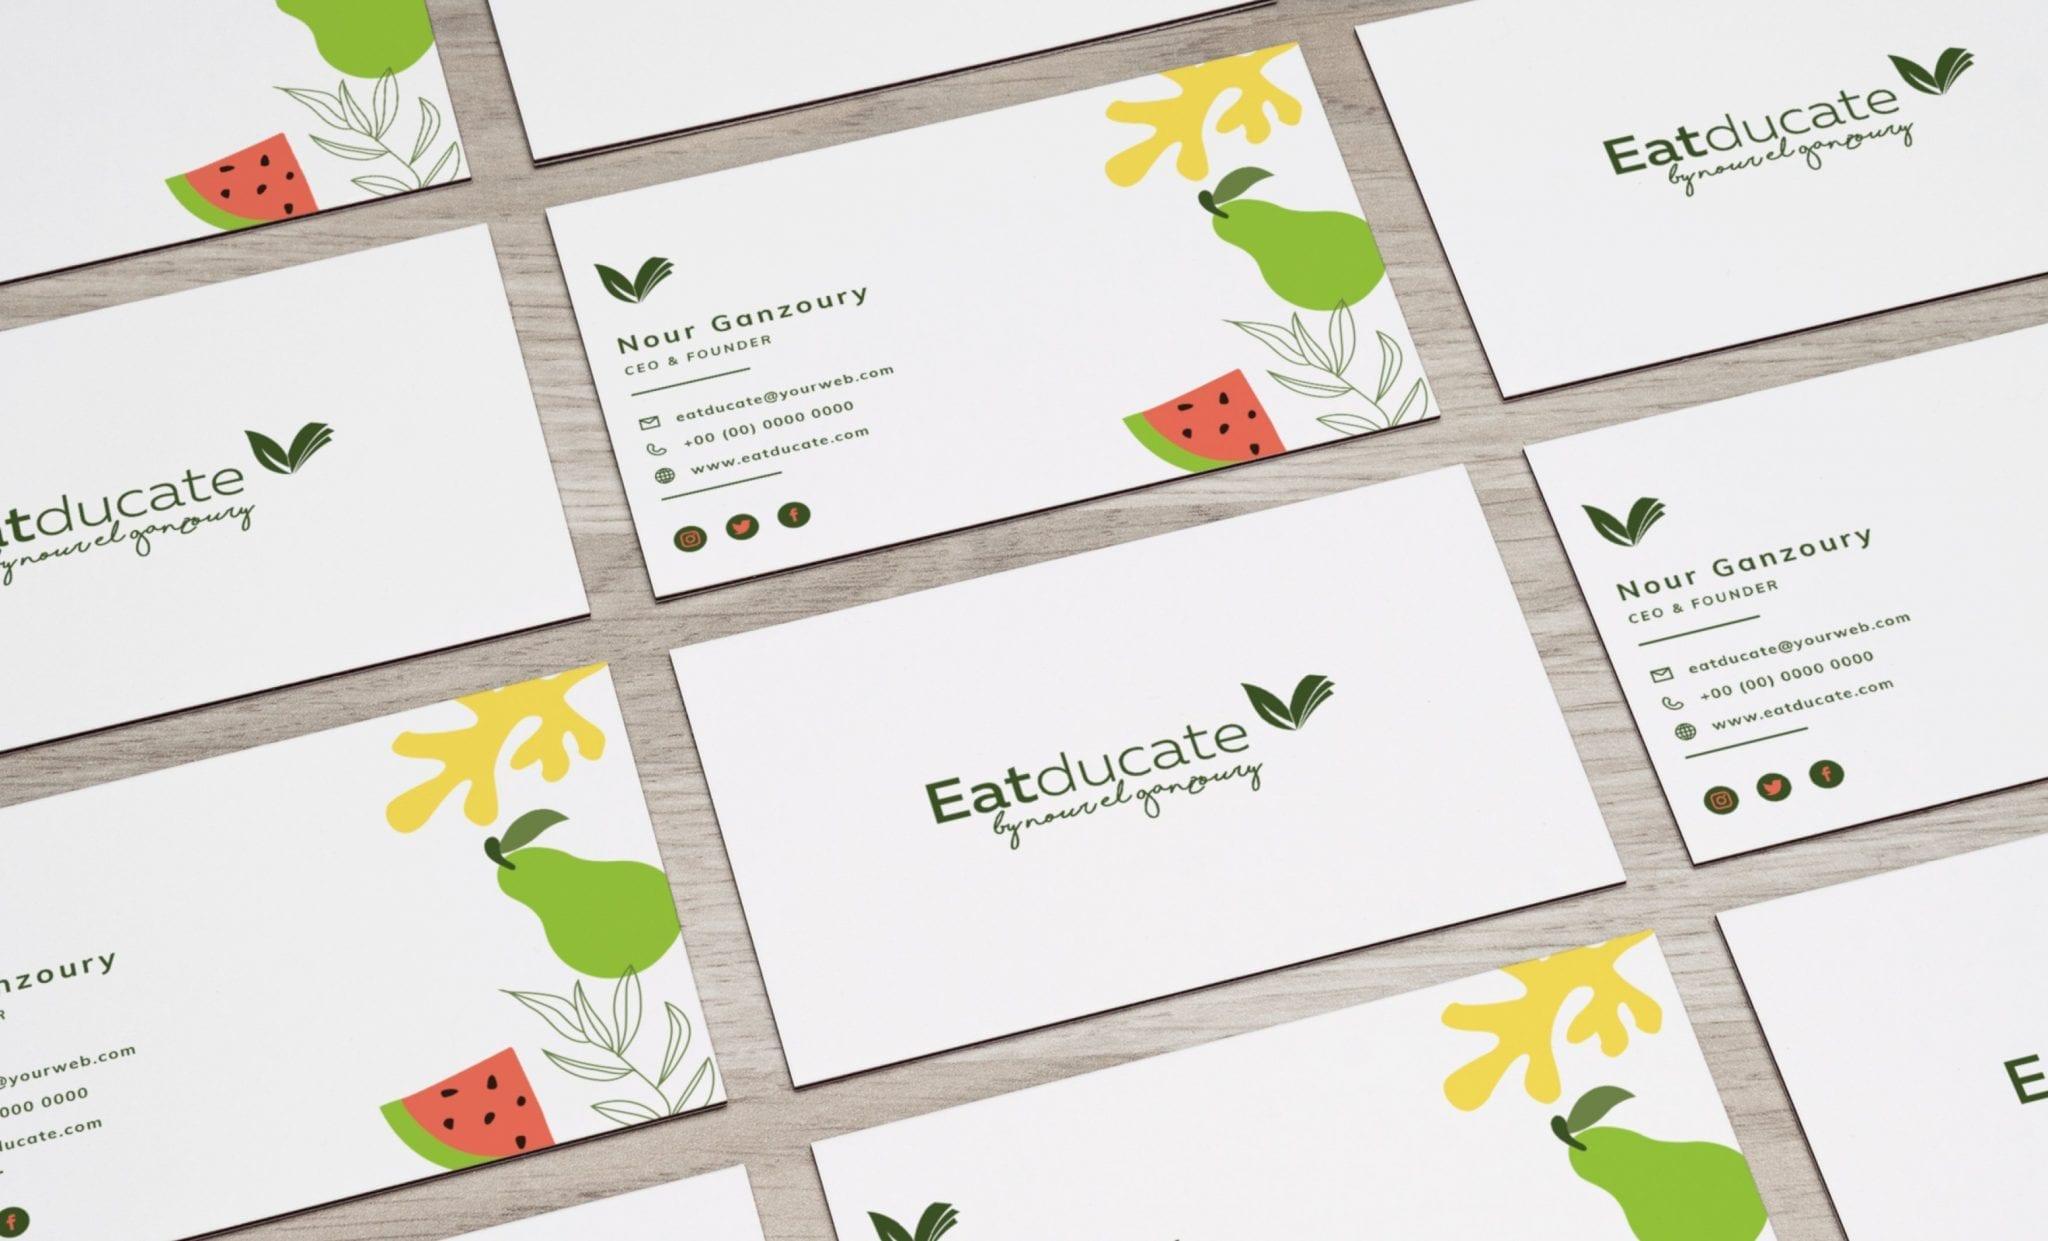 Eatducate Branding jpegs9